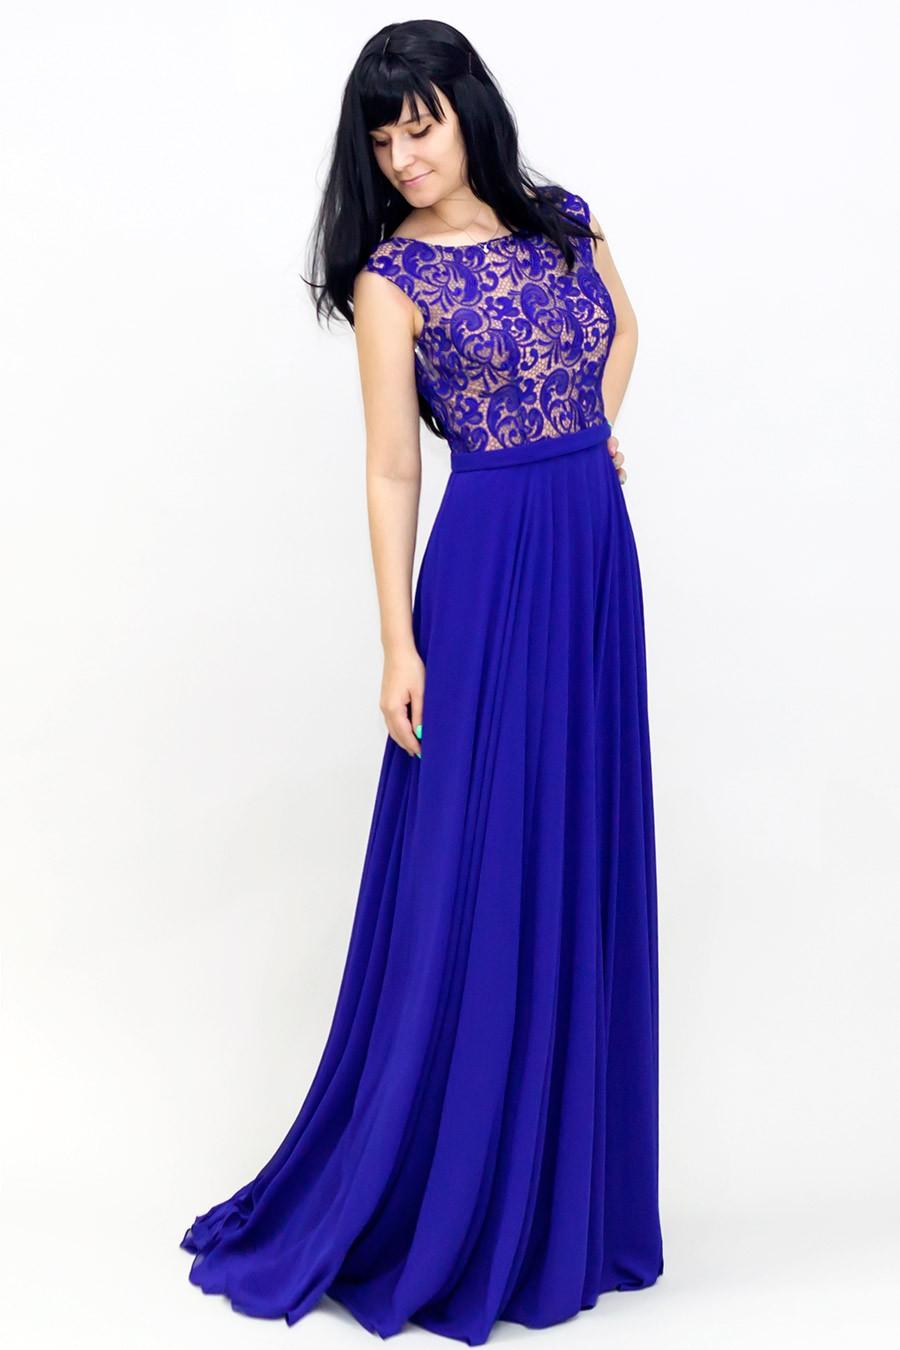 платья на выпускной 9 класс самые красивые: платье синее в пол без рукава